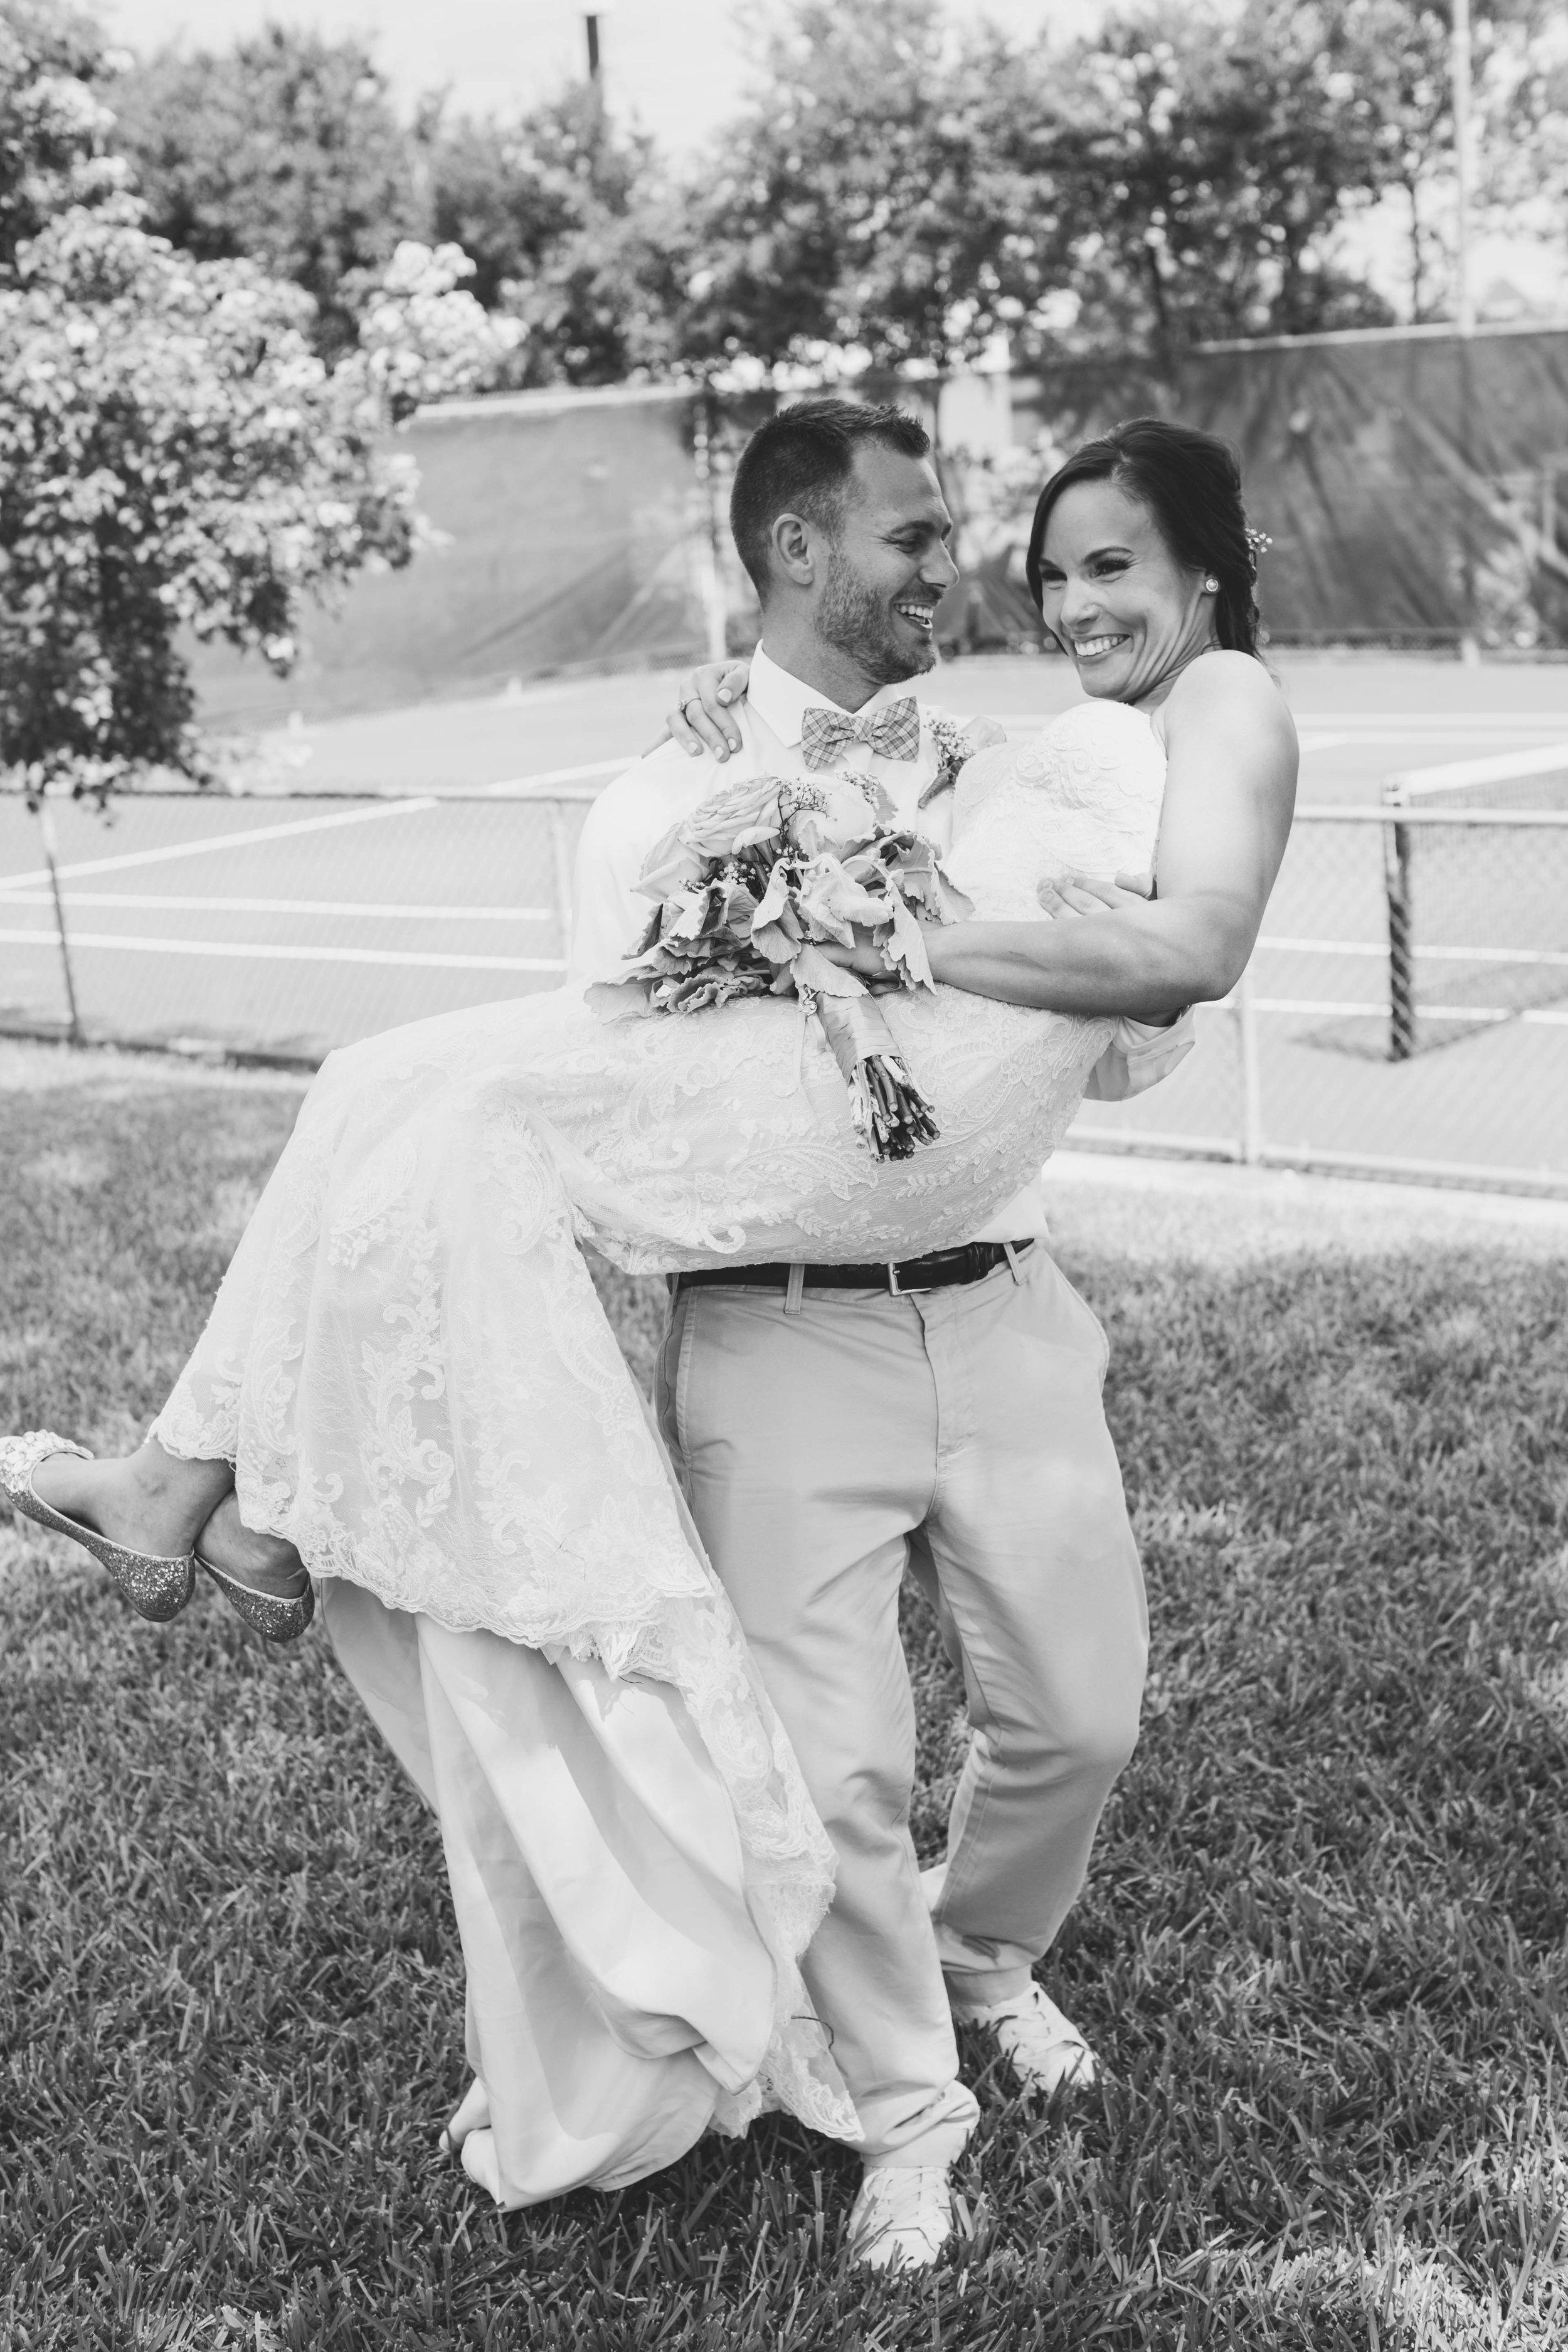 ATGI_Susanna & Matt Wedding_717A8339.jpg